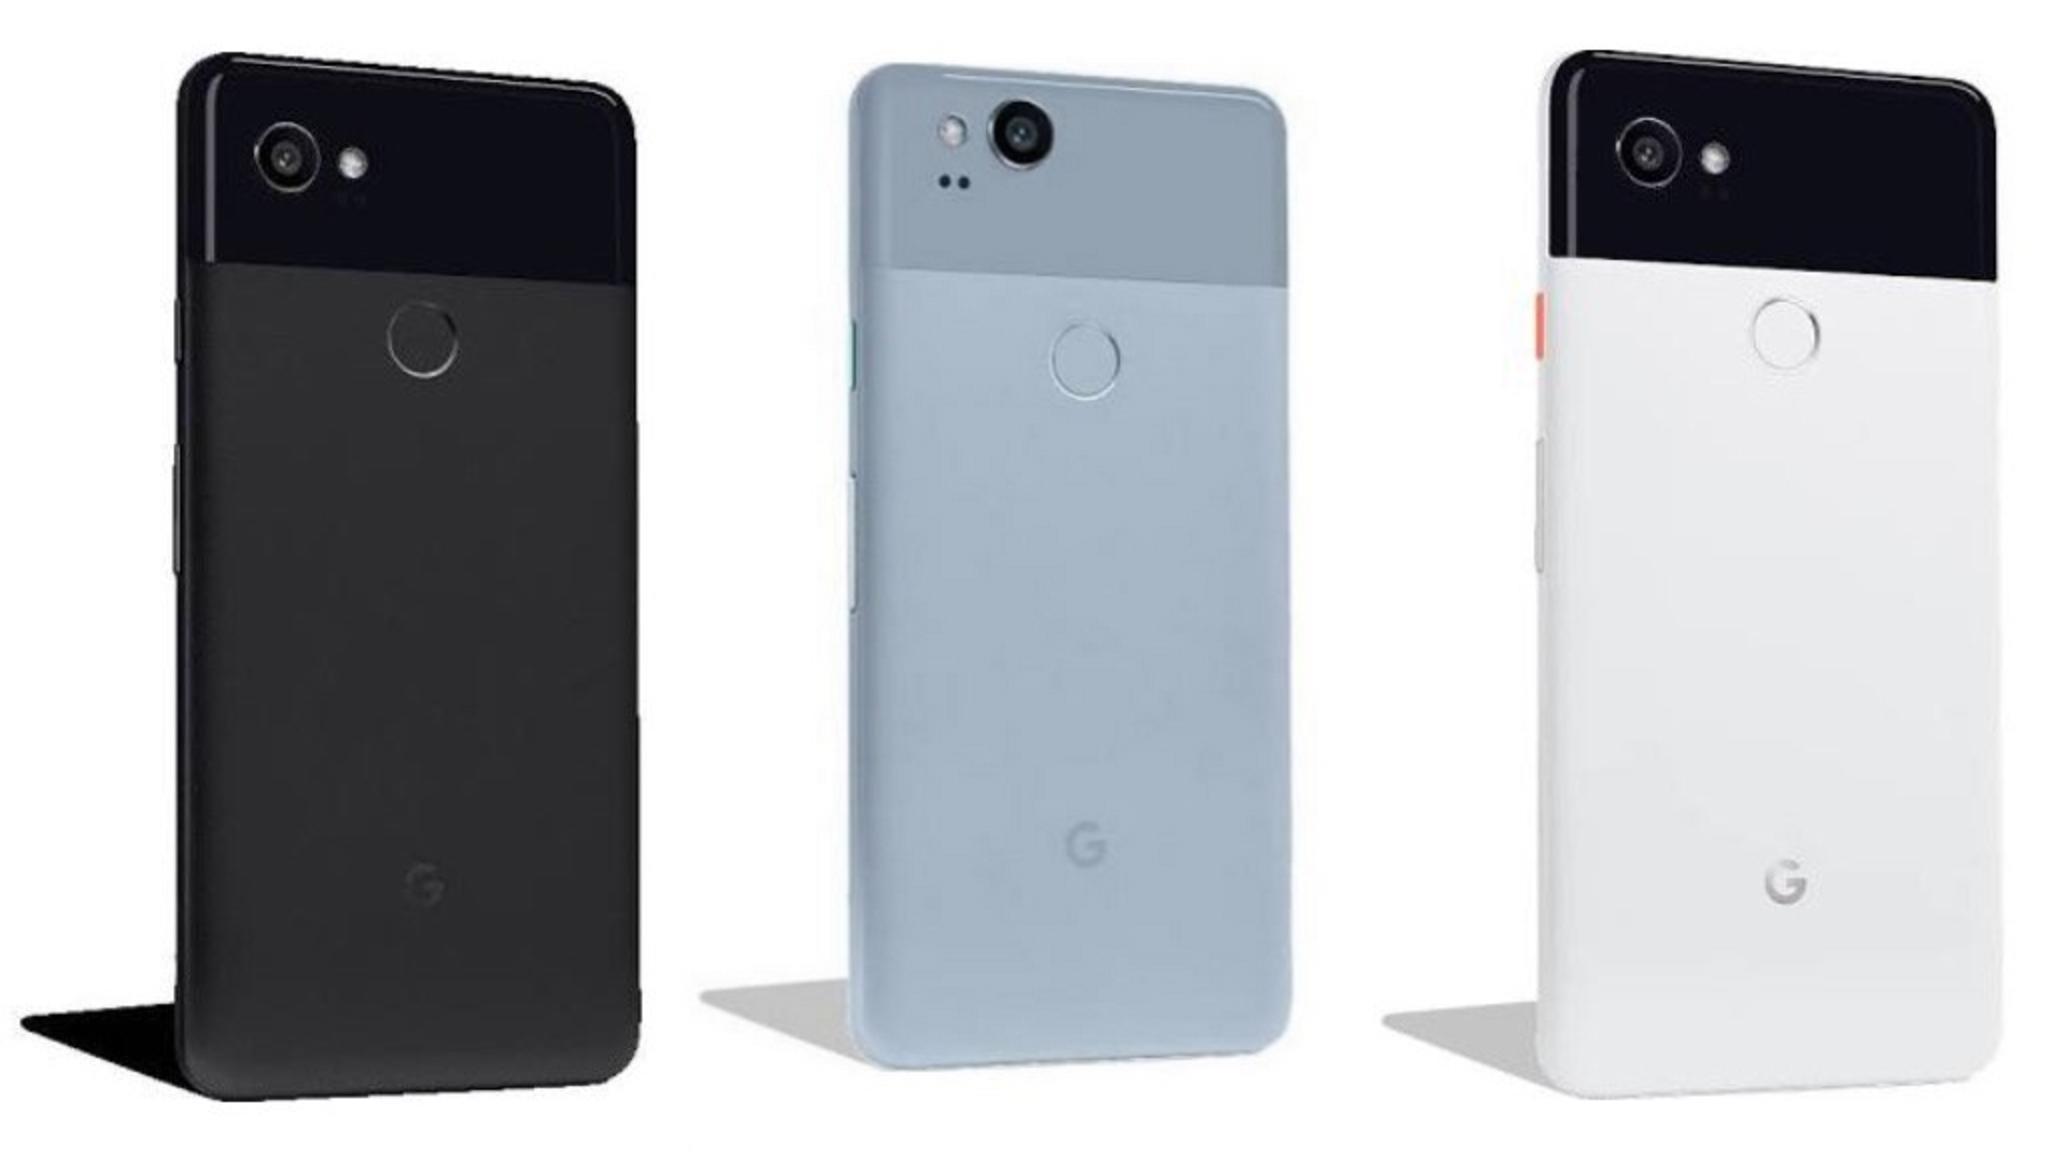 Kurz vor der offiziellen Präsentation sind die Specs der Pixel-2-Smartphones geleakt.